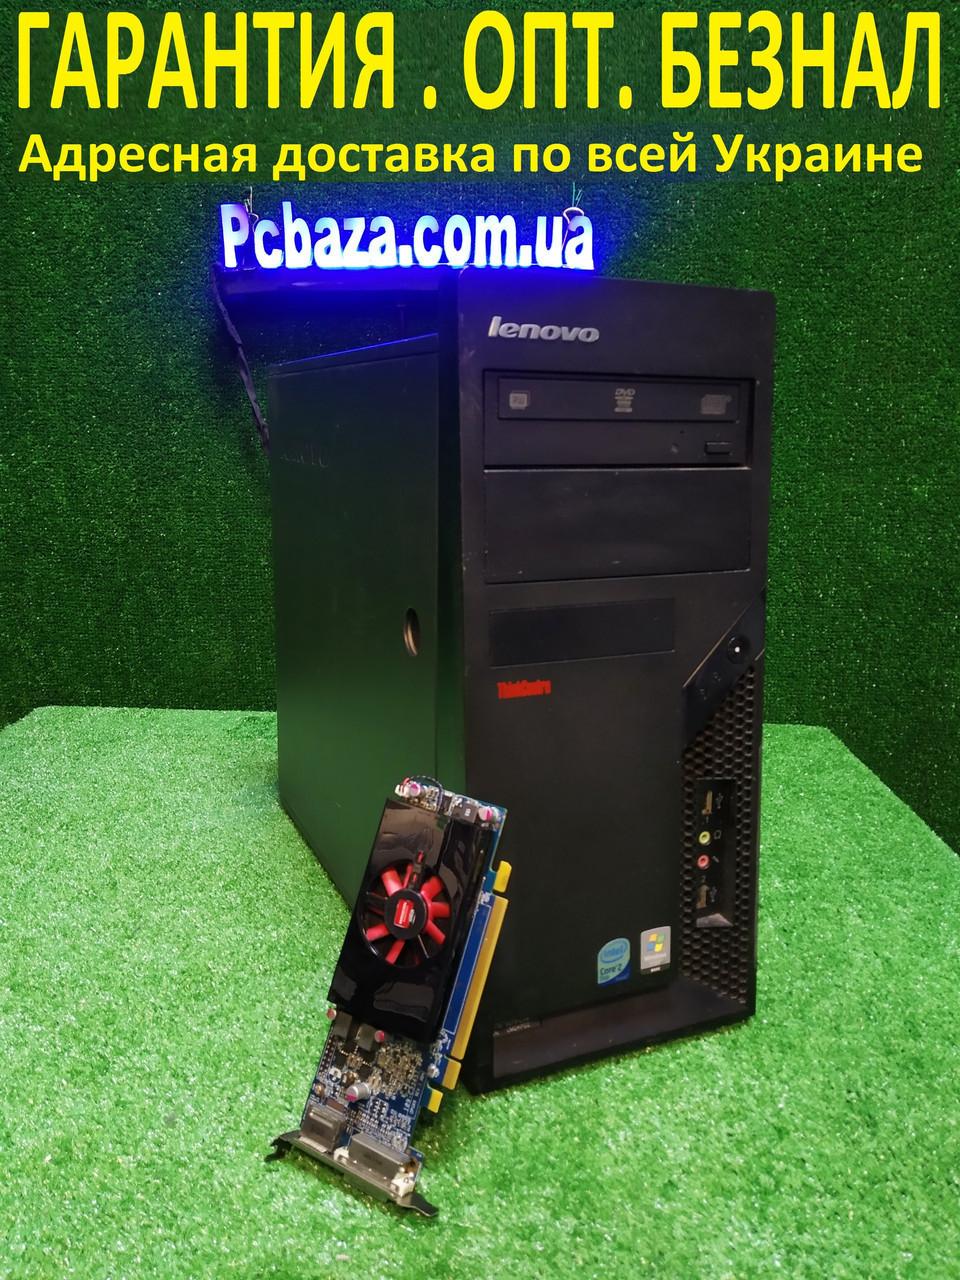 Игровой Компьютер Lenovo M55 Intel 4 ядра, 8GB ОЗУ, 500GB HDD, HD 7570 1 GB, Настроен и готов к работе!